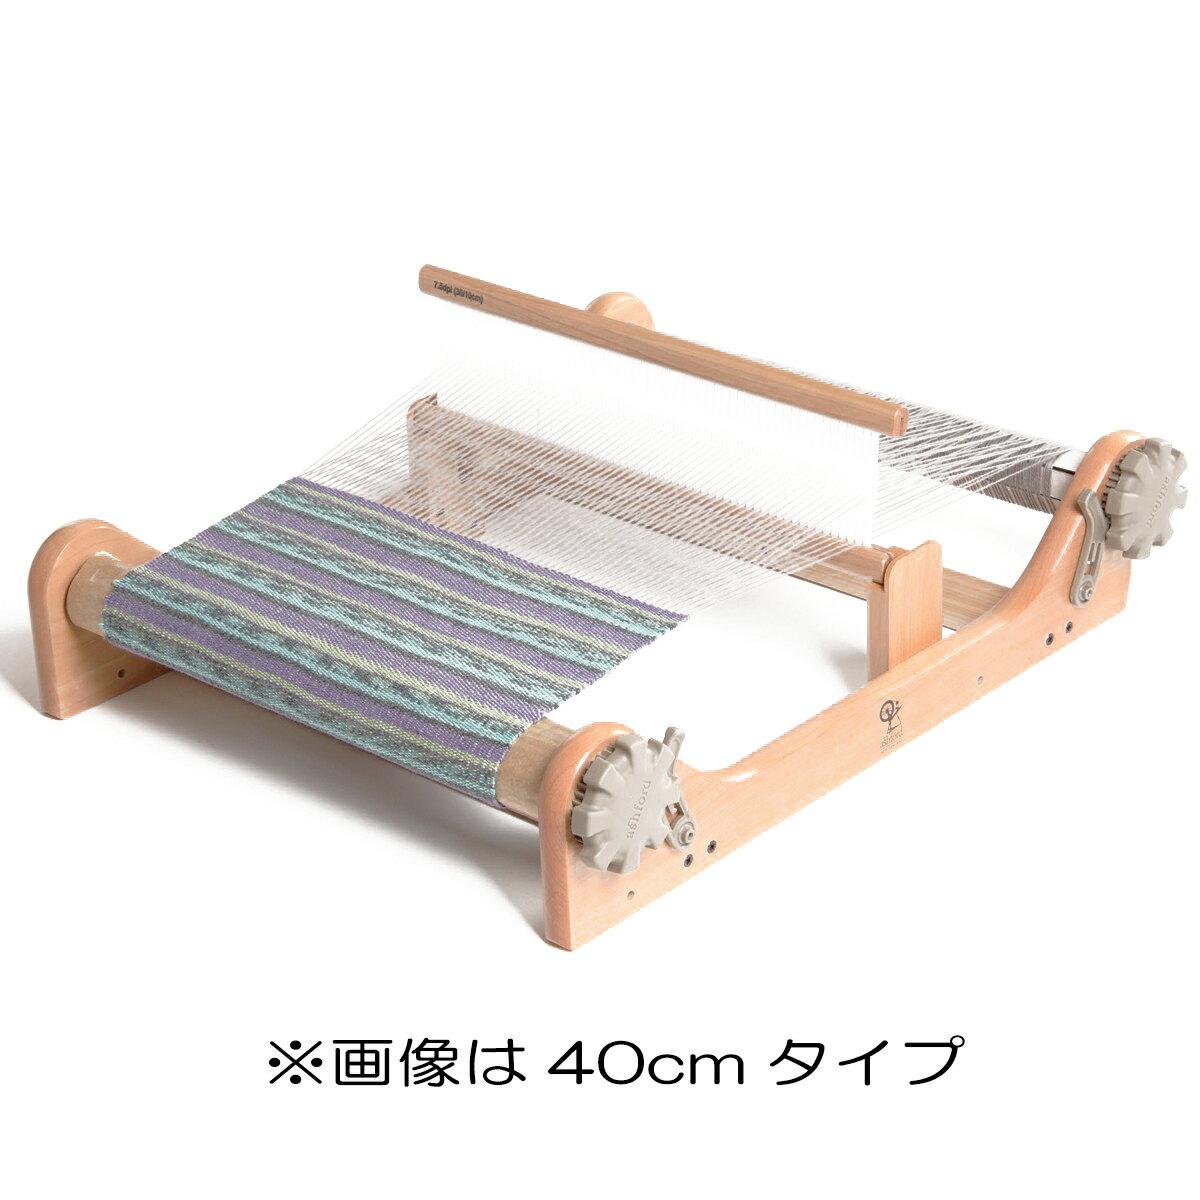 手織り機 リジッドヘドル 組立式 織幅60cm 【 機織り 手織り 織物 織り機 】